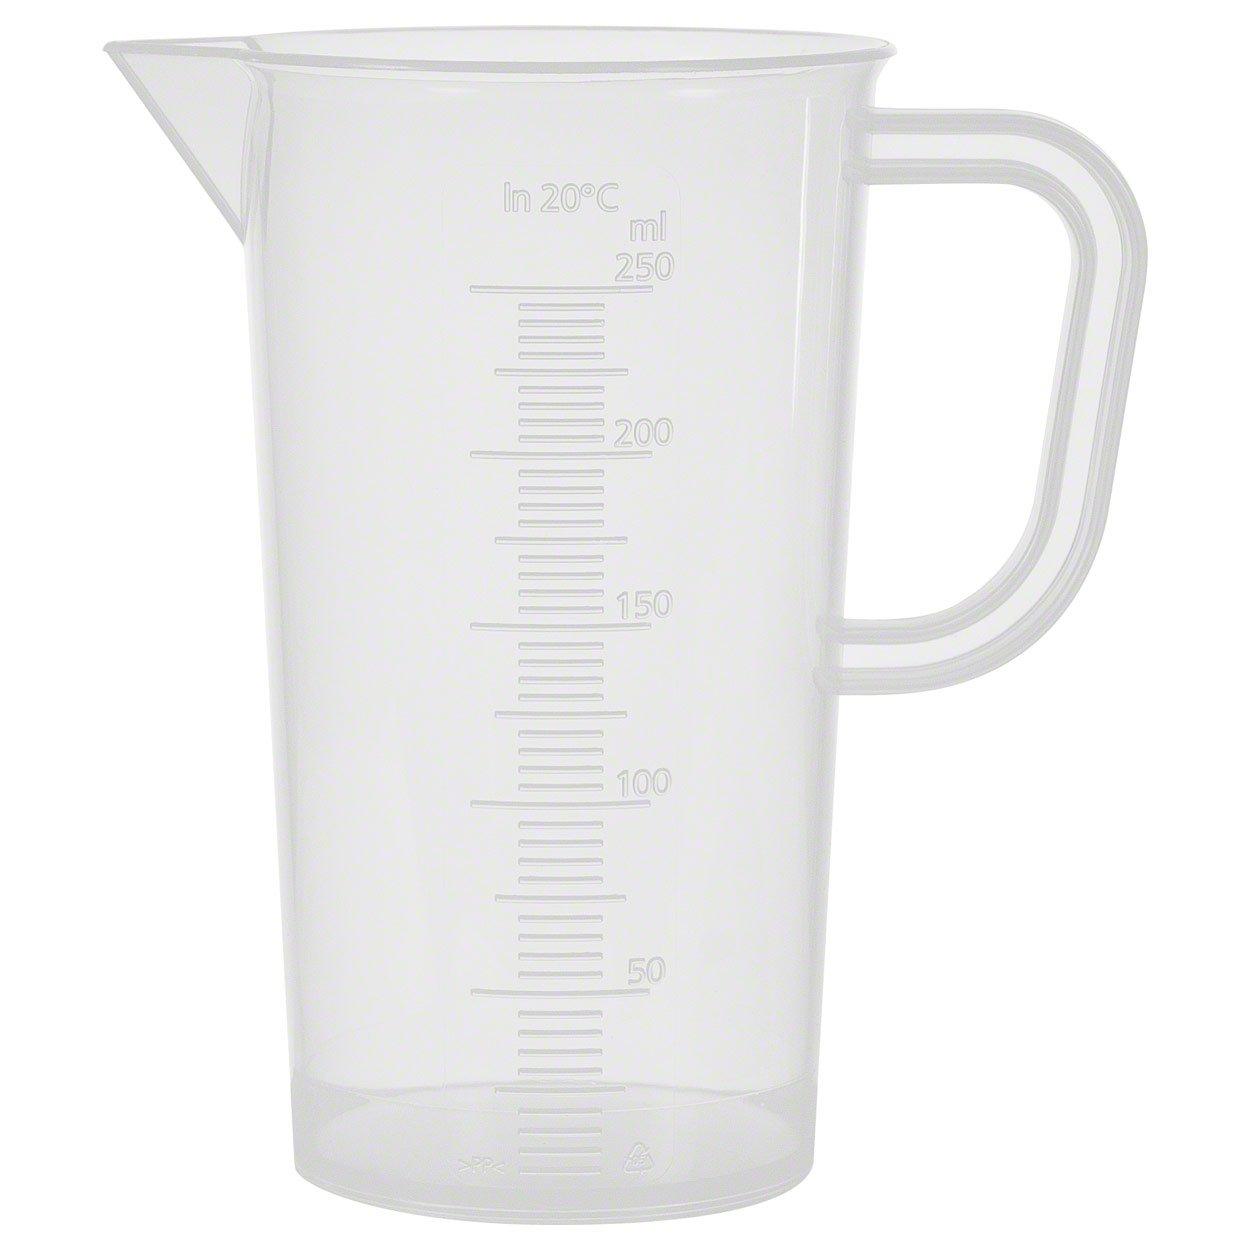 Dosierhilfe 250 ml Kunststoff Messkanne Ma/ßbecher Messbecher